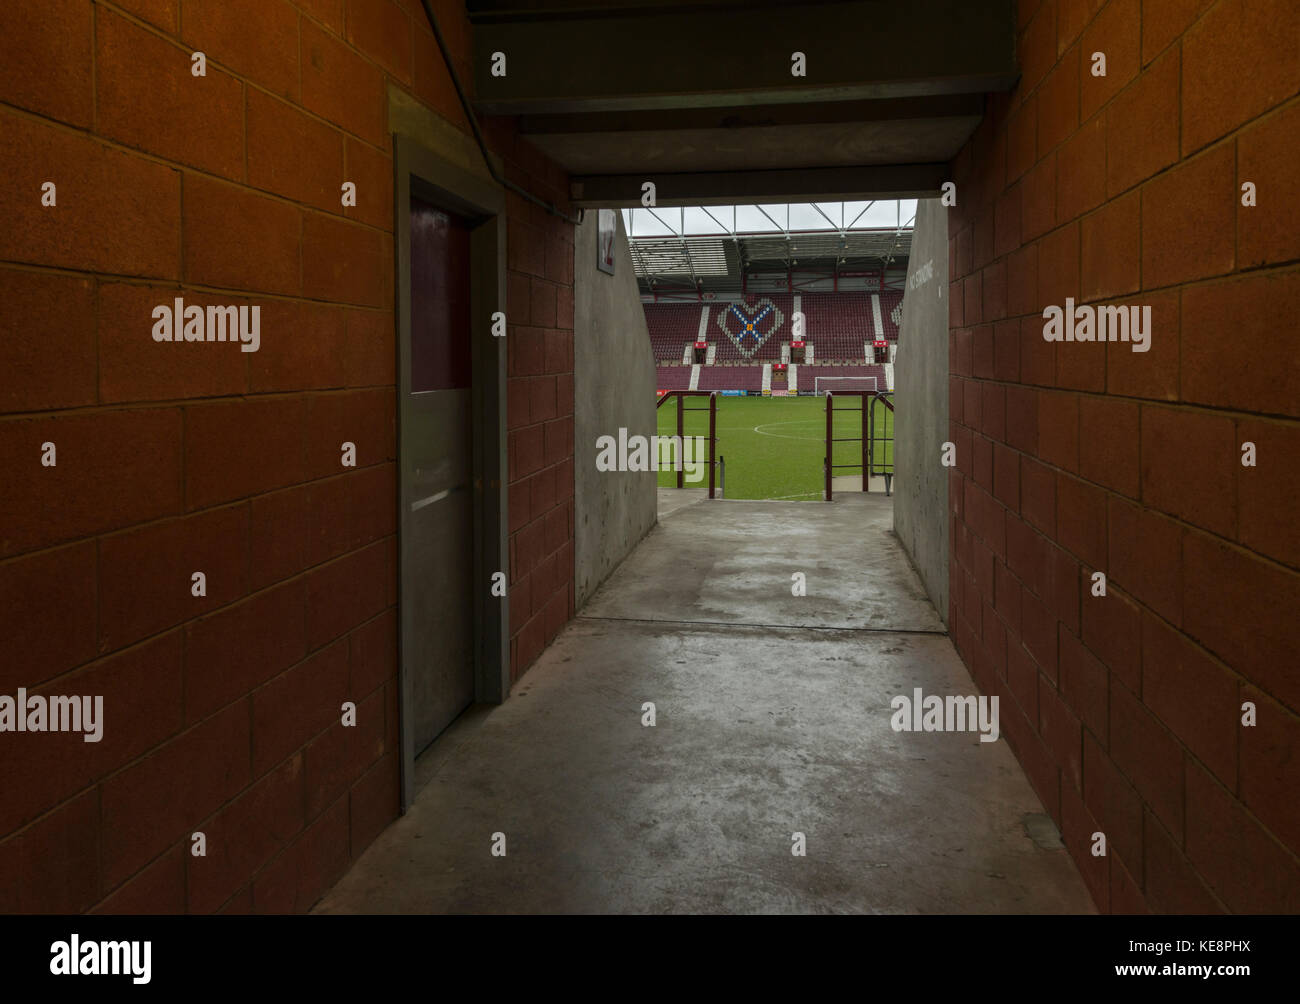 Tynecastle stadium, Edinburgh, Lothians, Scotland, UK - Stock Image